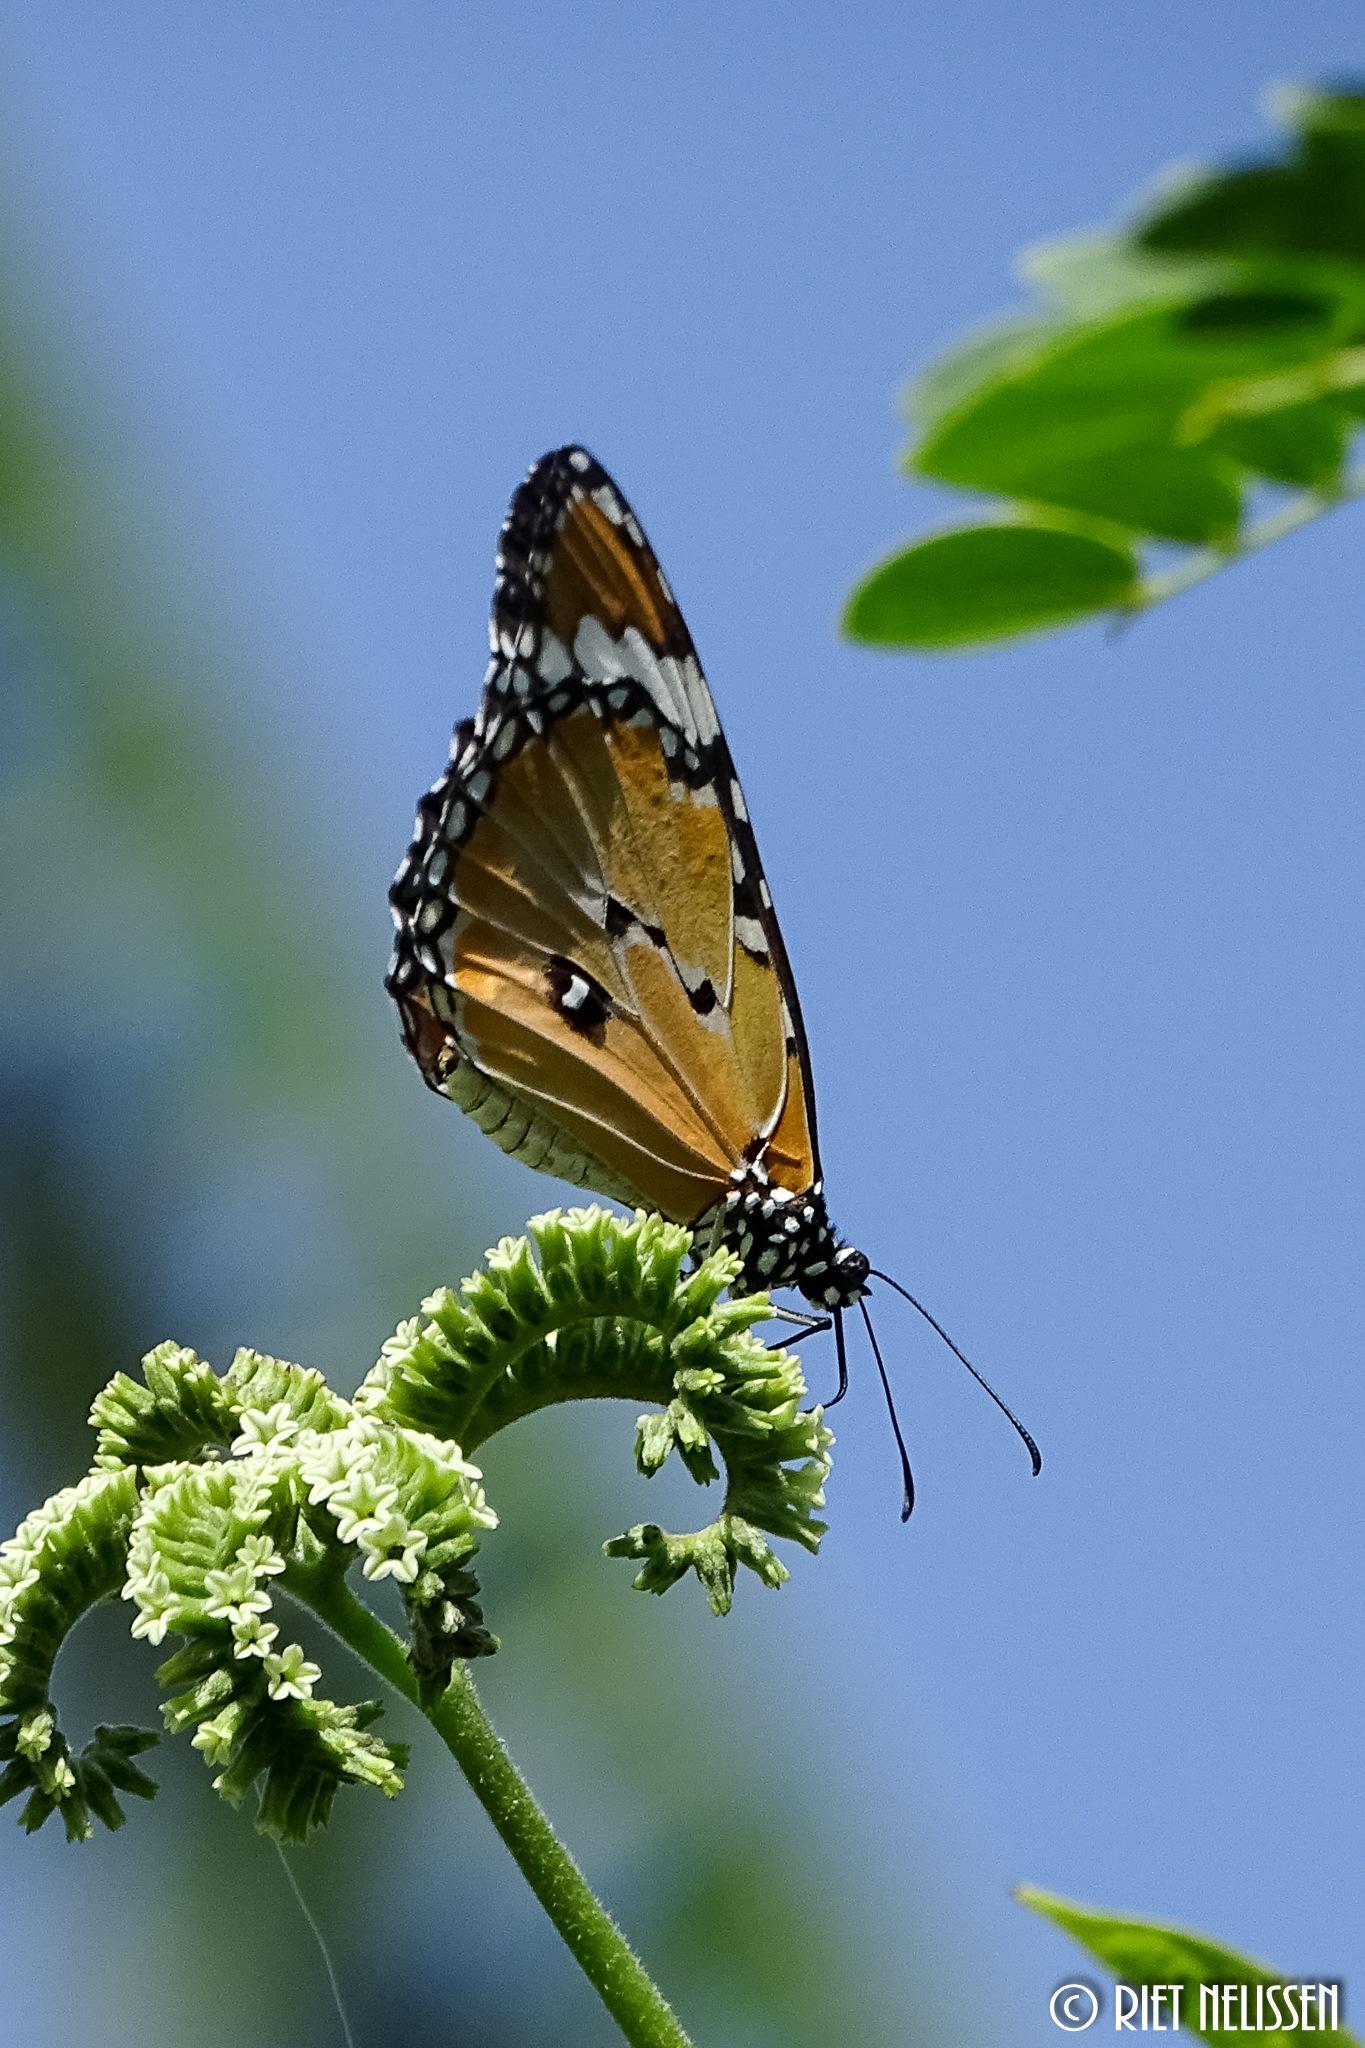 #butterfly by nelisser